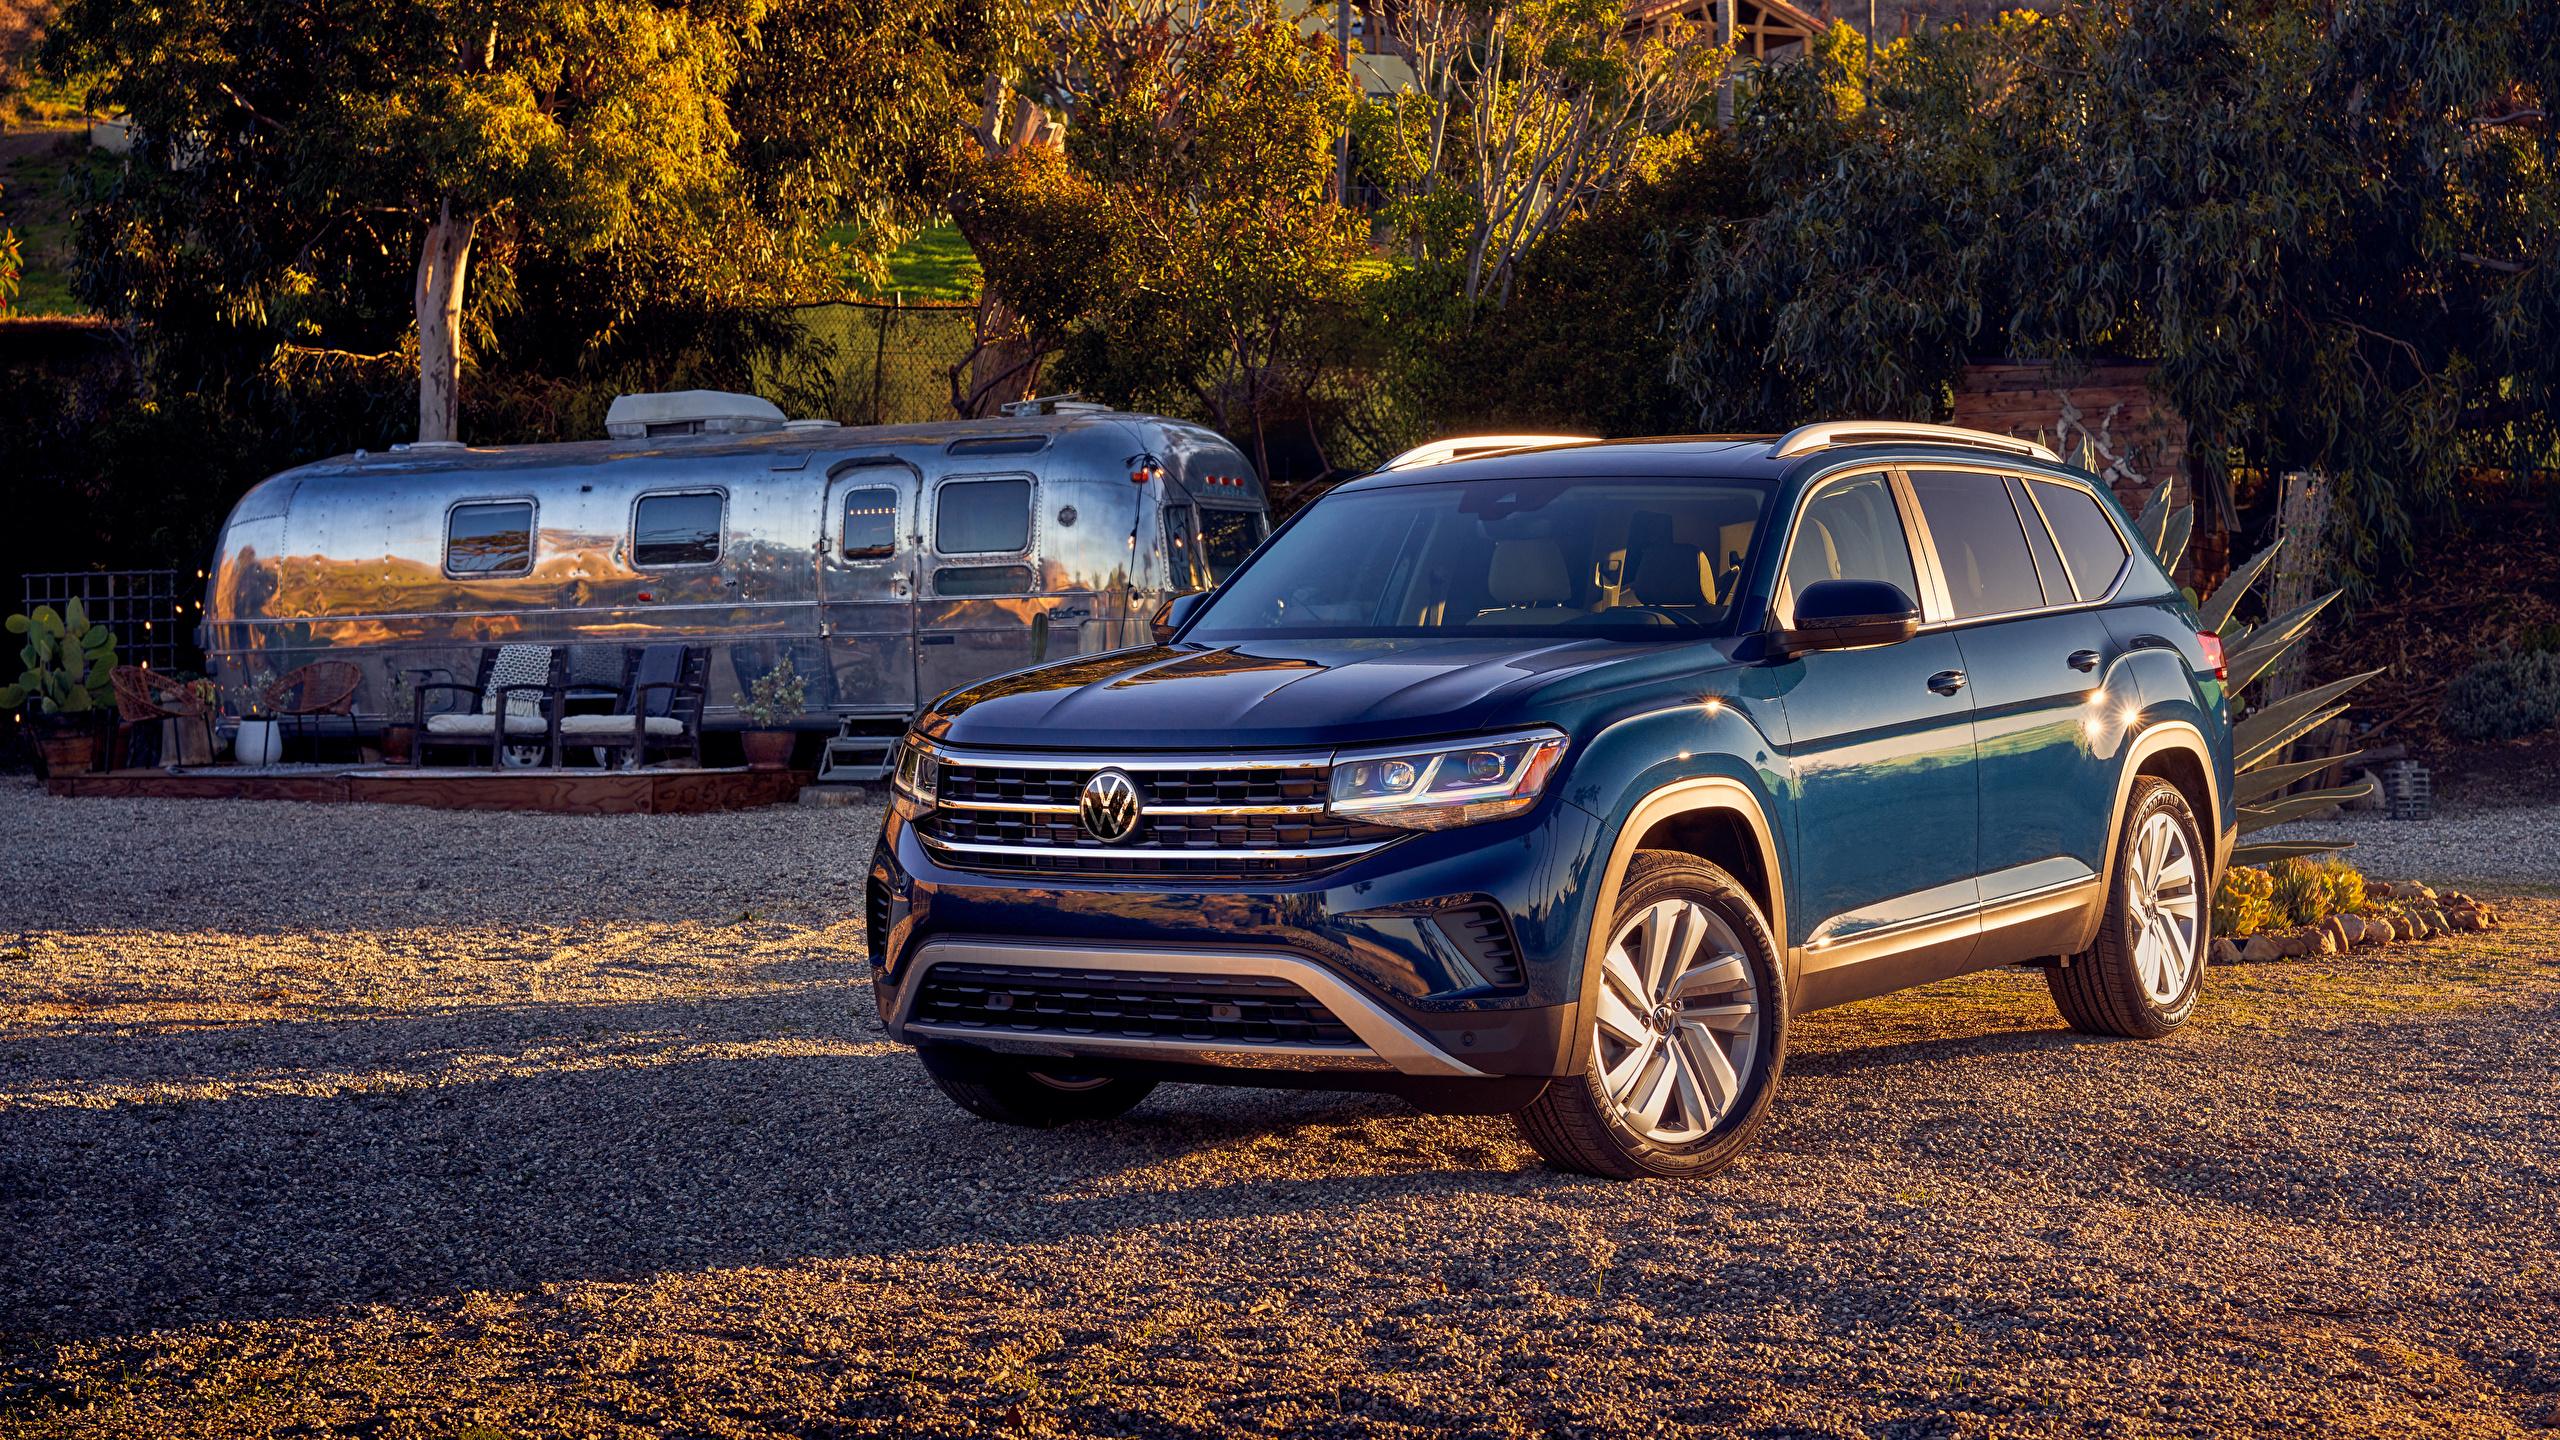 Fotos Volkswagen Crossover 2021 Atlas V6 Blau Autos Metallisch 2560x1440 Softroader auto automobil